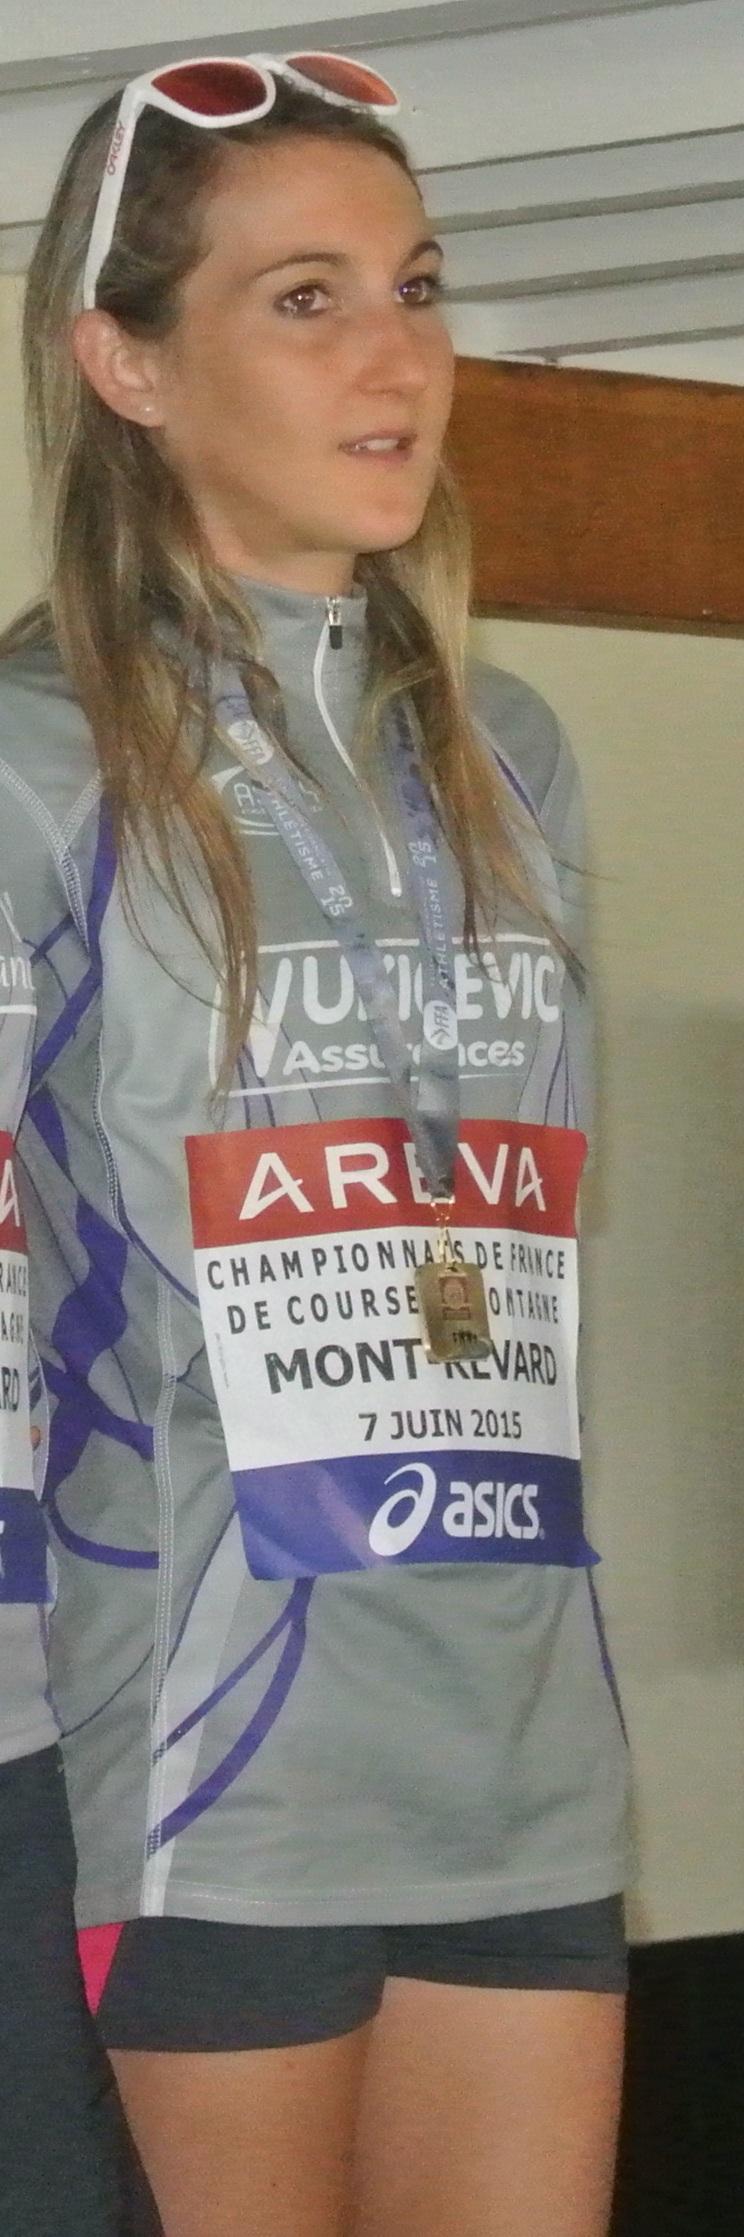 Récente médaillée au France, Adélaïde tentera de ne pas trop regarder la tête de course de loin.